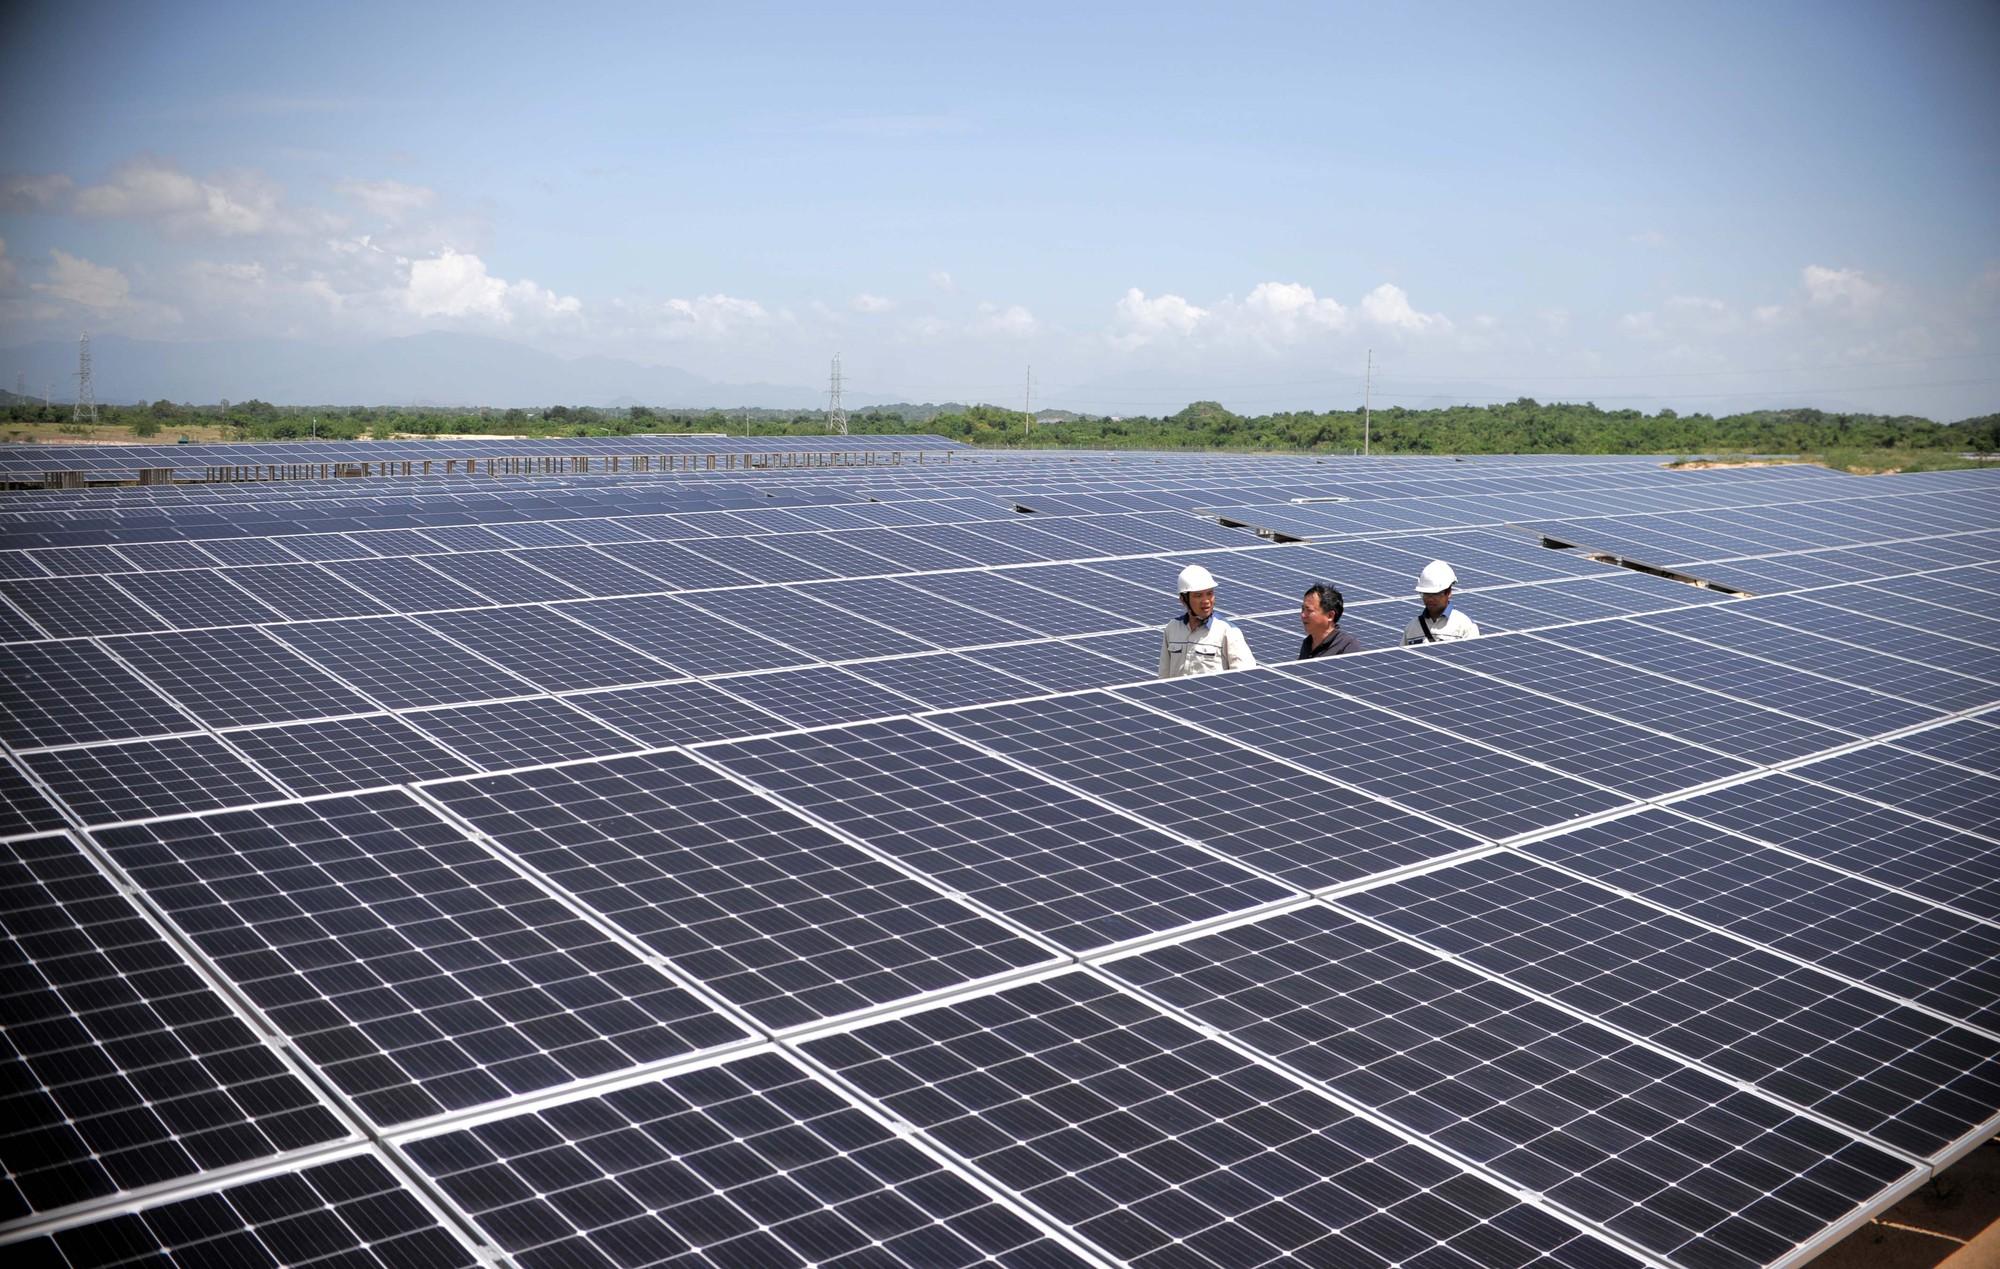 Ước tính Cục Điều tiết điện lực sẽ vẫn phải nhập khẩu khoảng hơn 2 tỷ kWh điện từ Trung Quốc và hơn 1 tỷ kWh nhập từ Làotrong năm 2020,